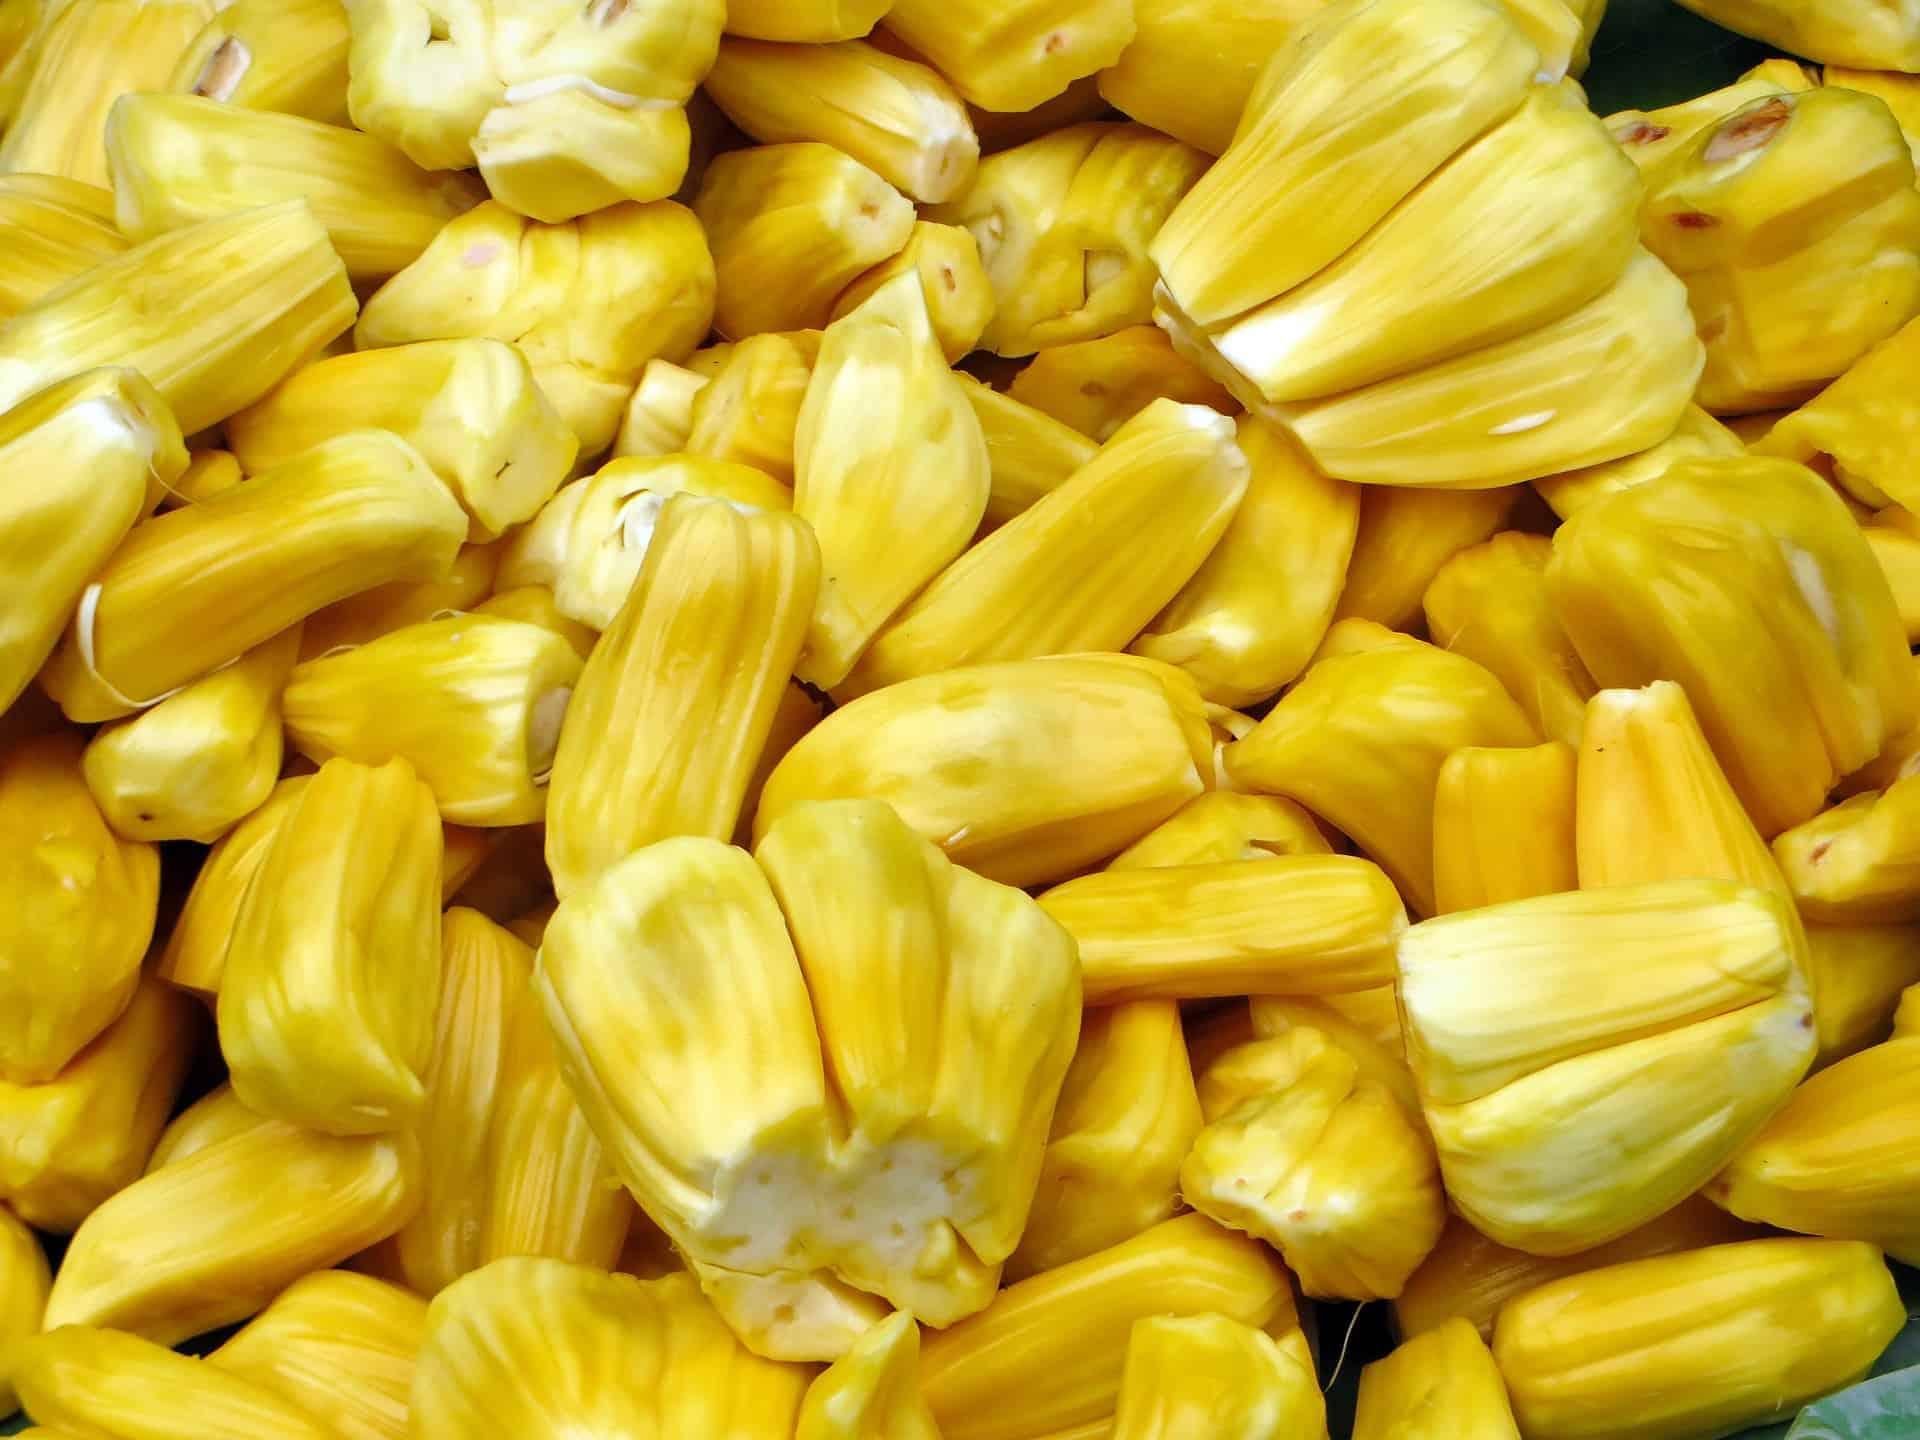 Yellow jackfruit